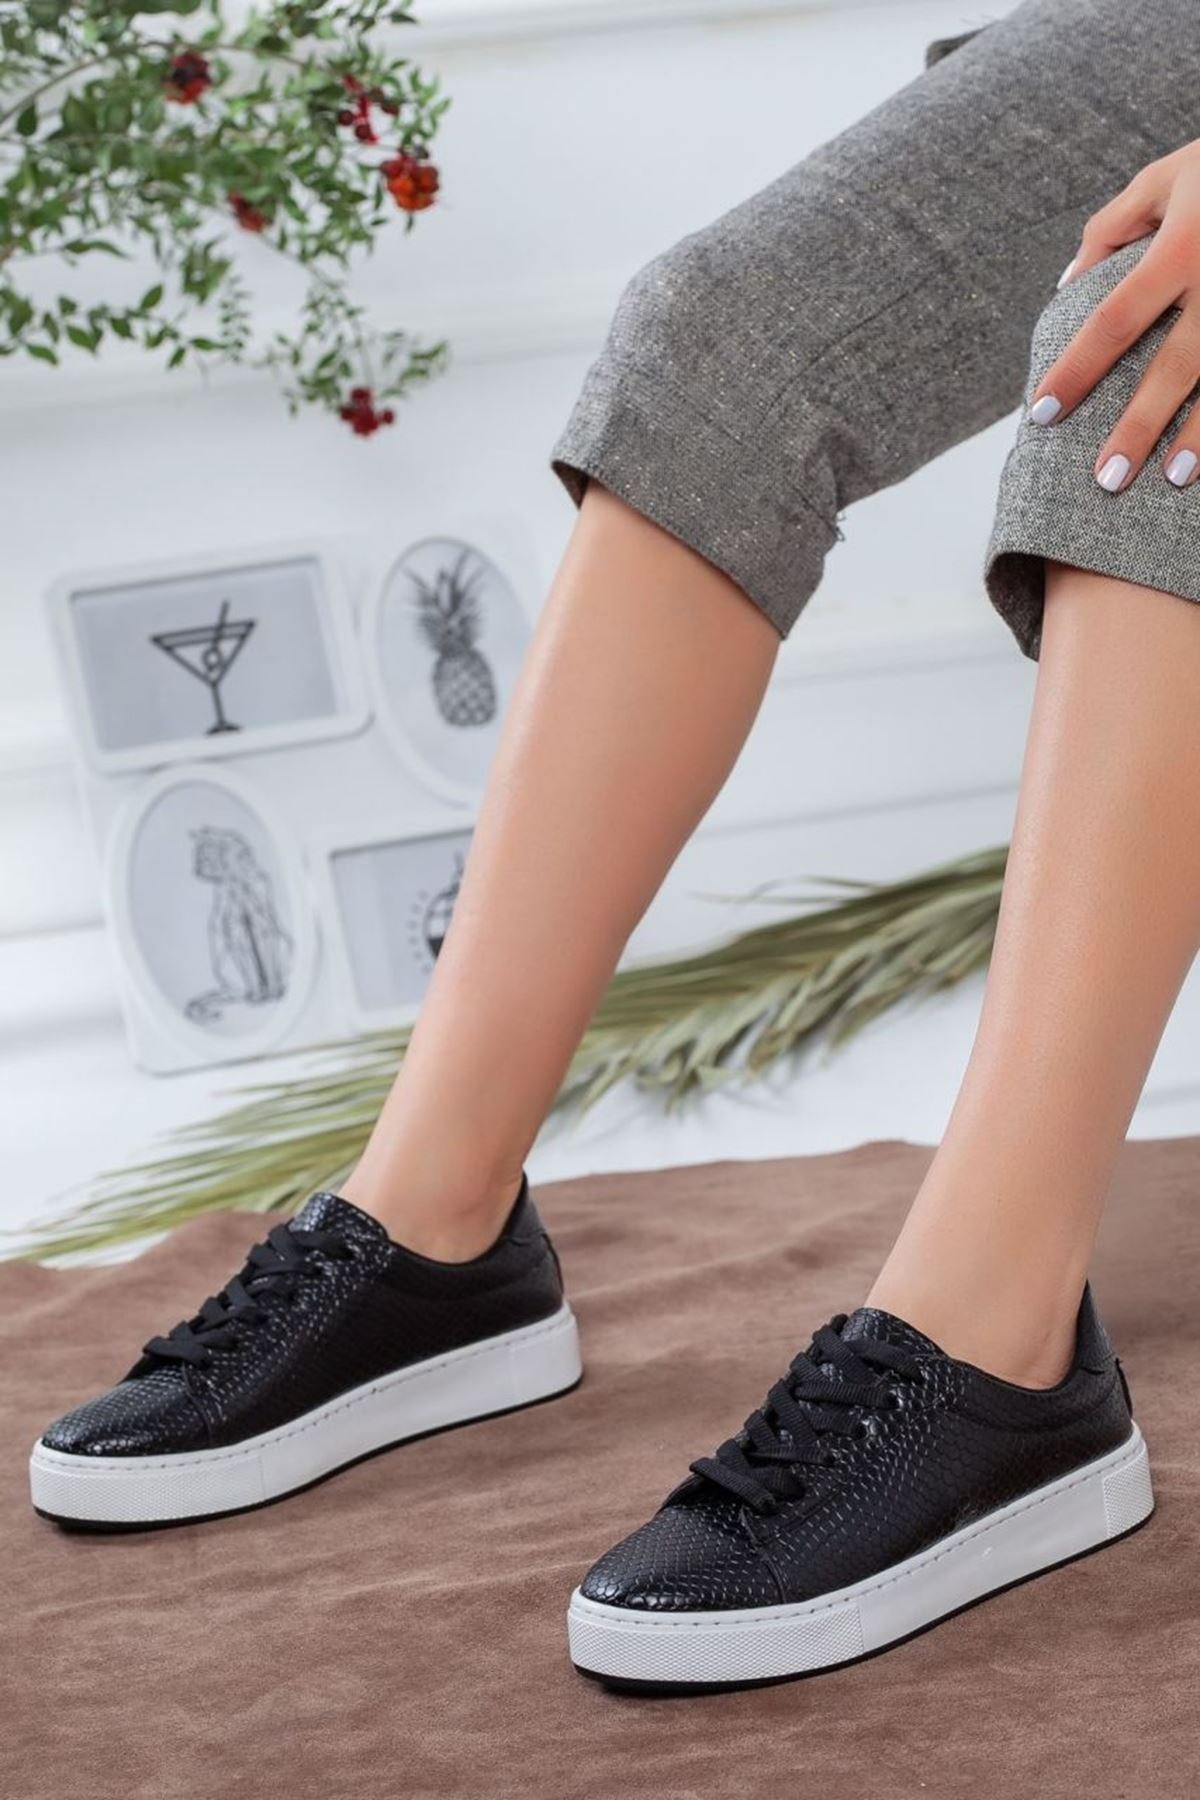 Kadın Tina Bağcıklı Yılan Desen Spor Ayakkabı  Siyah